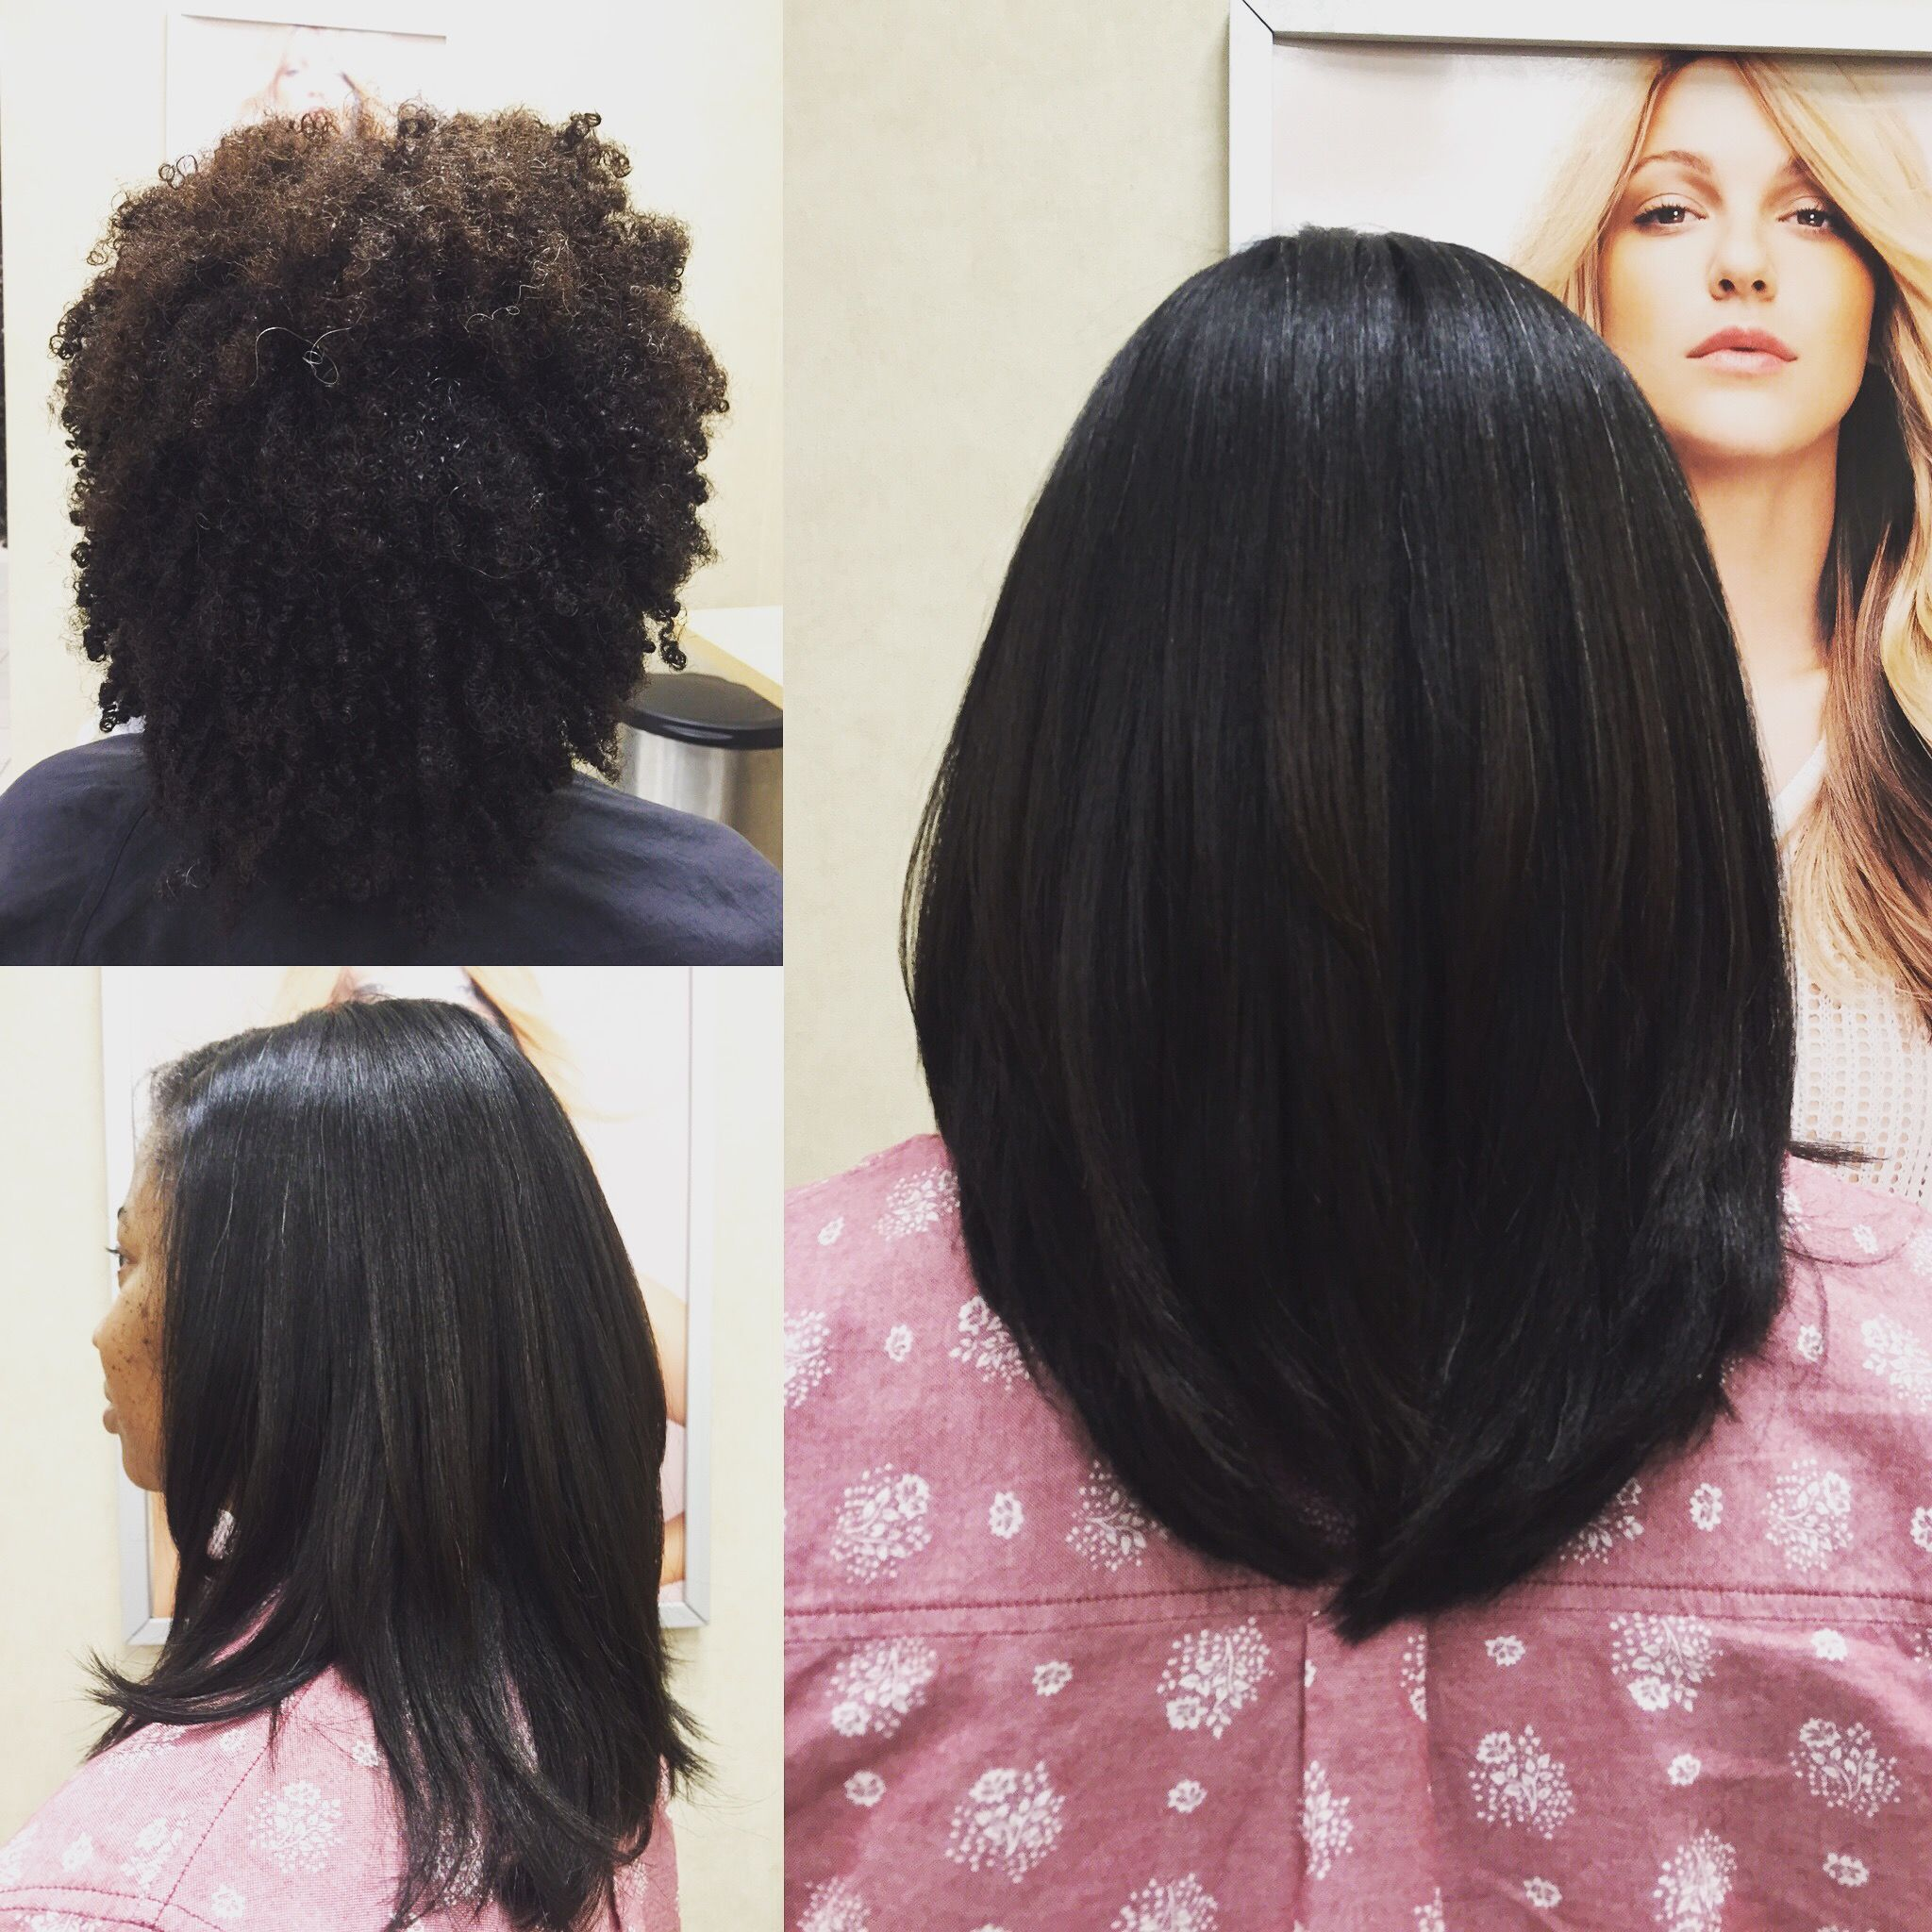 natural hair shampoo blowdry